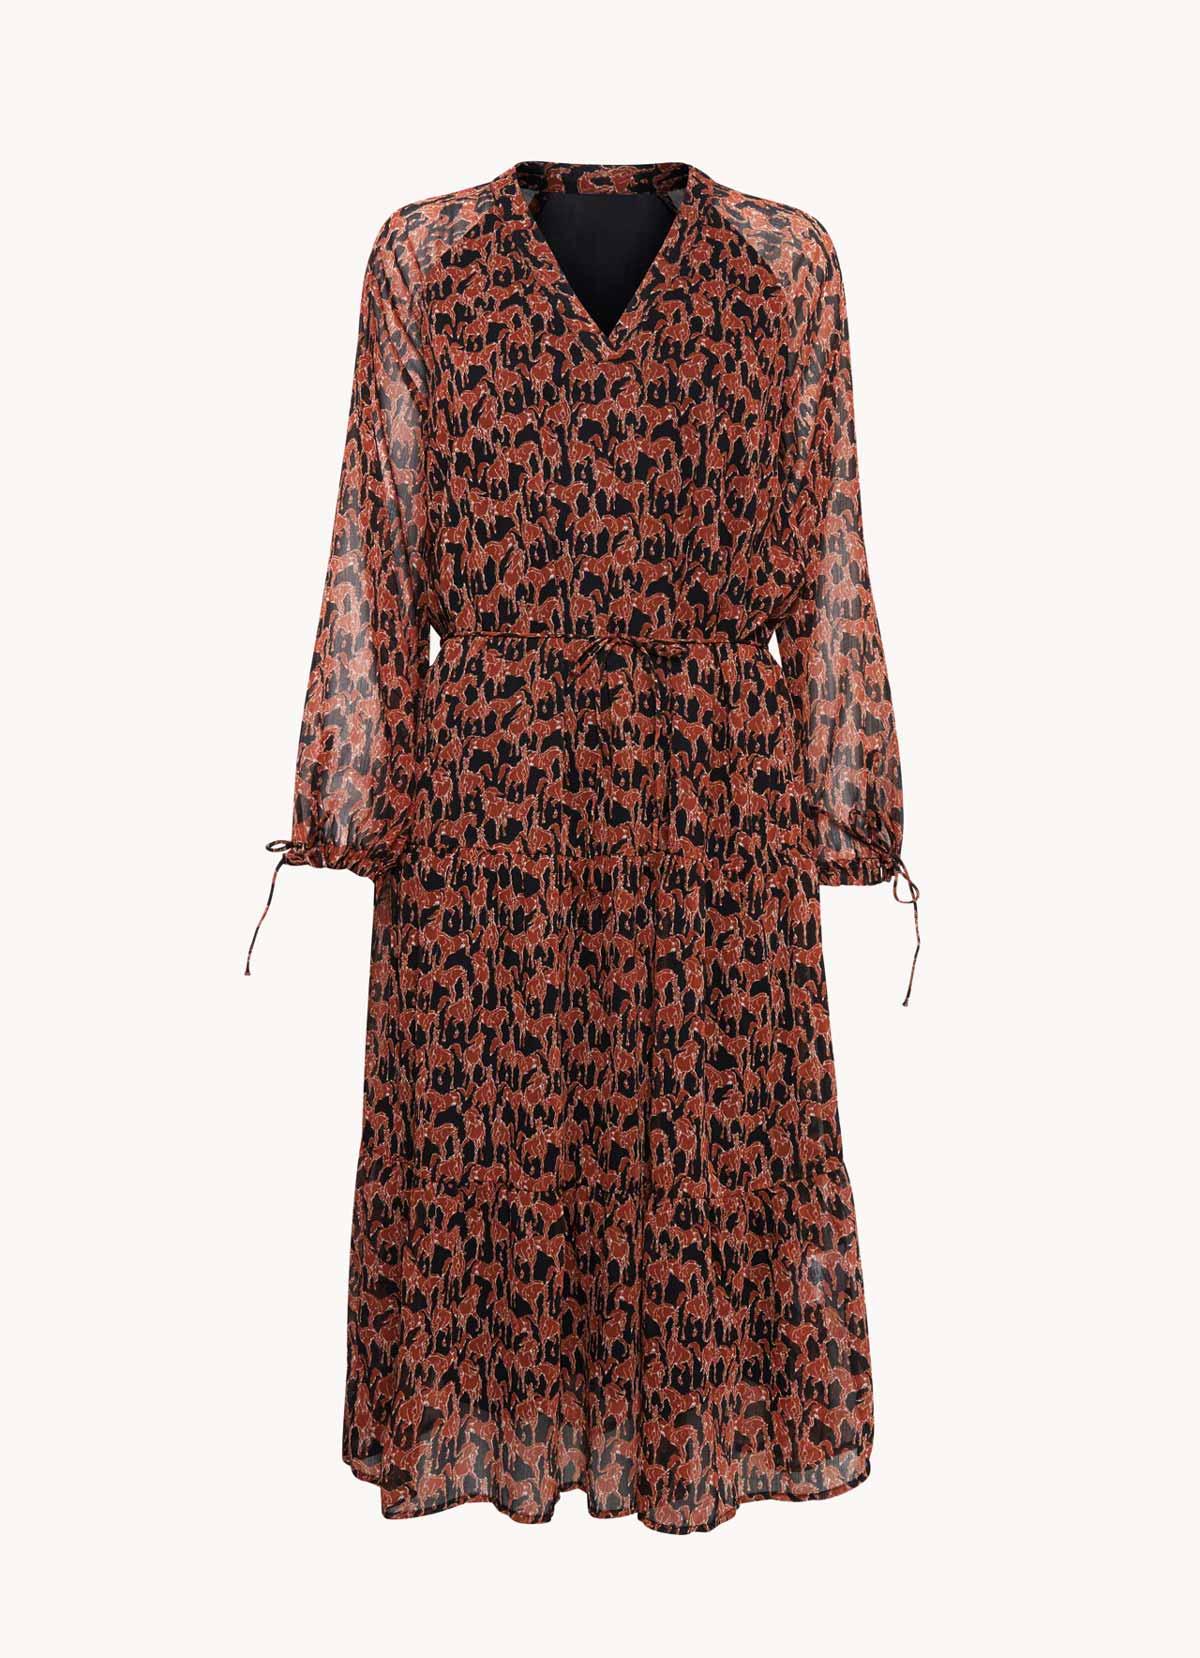 La robe style boho